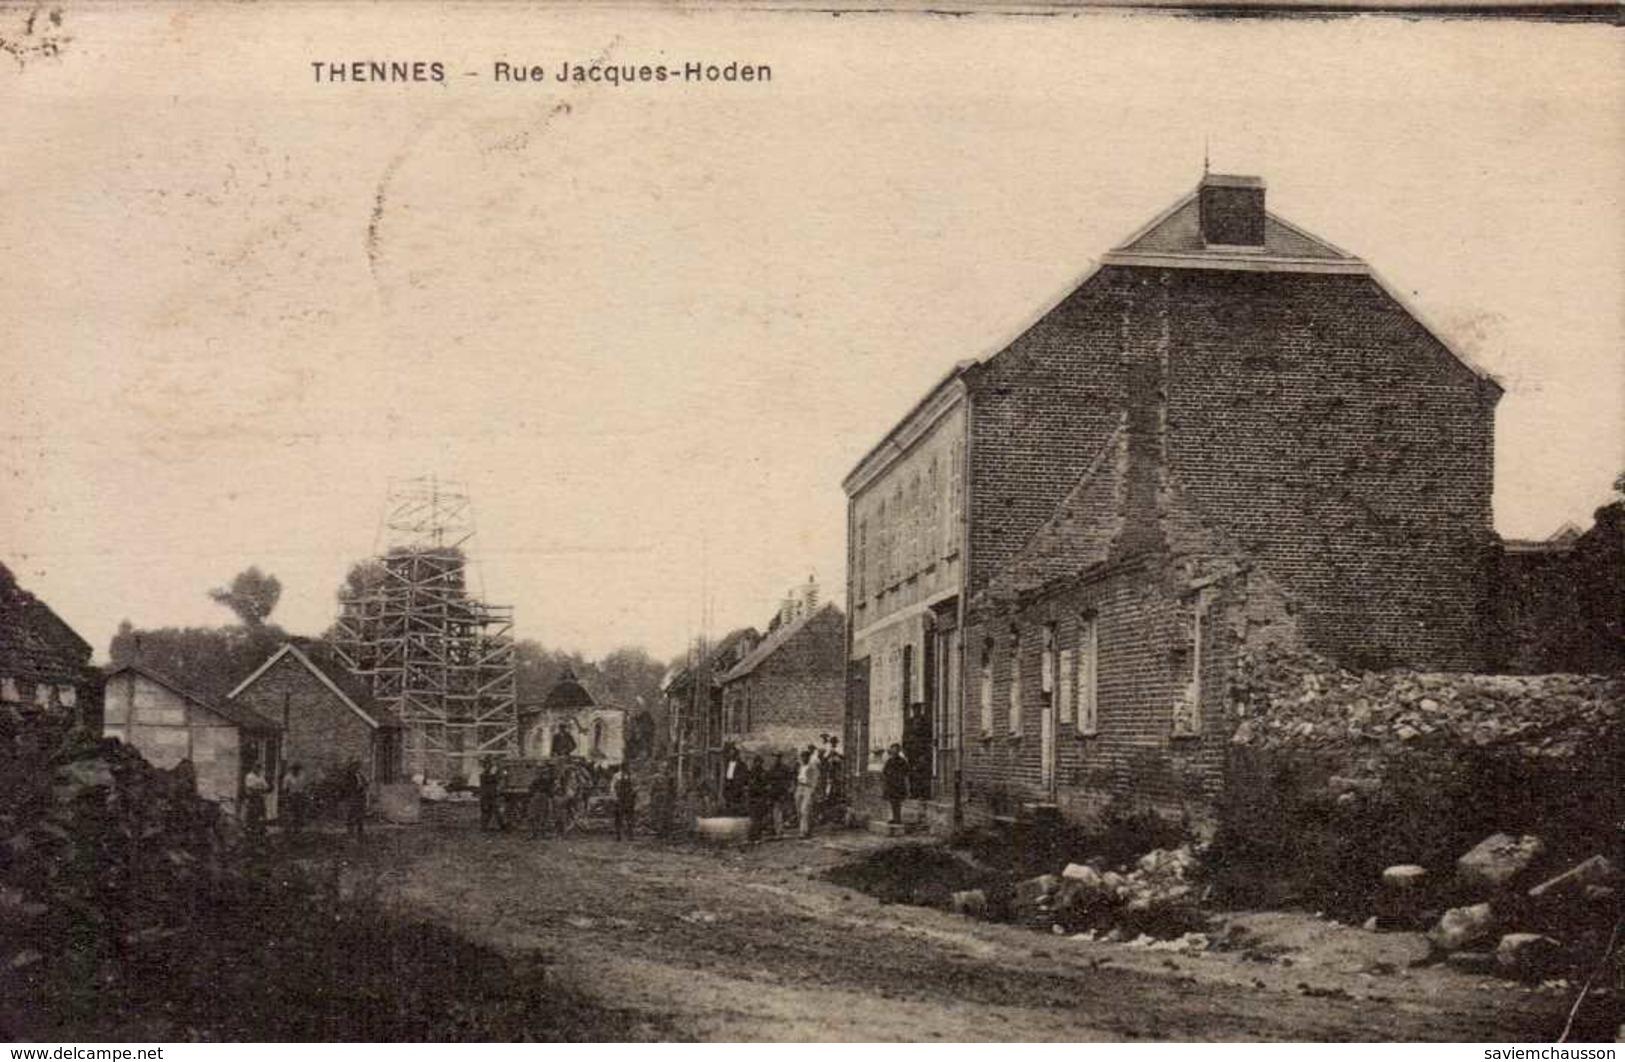 Cpa 80 Thennes Rue Jacques Hoden Reconstruction D'après Guerre 14 18 Travaux Echafaudage - France